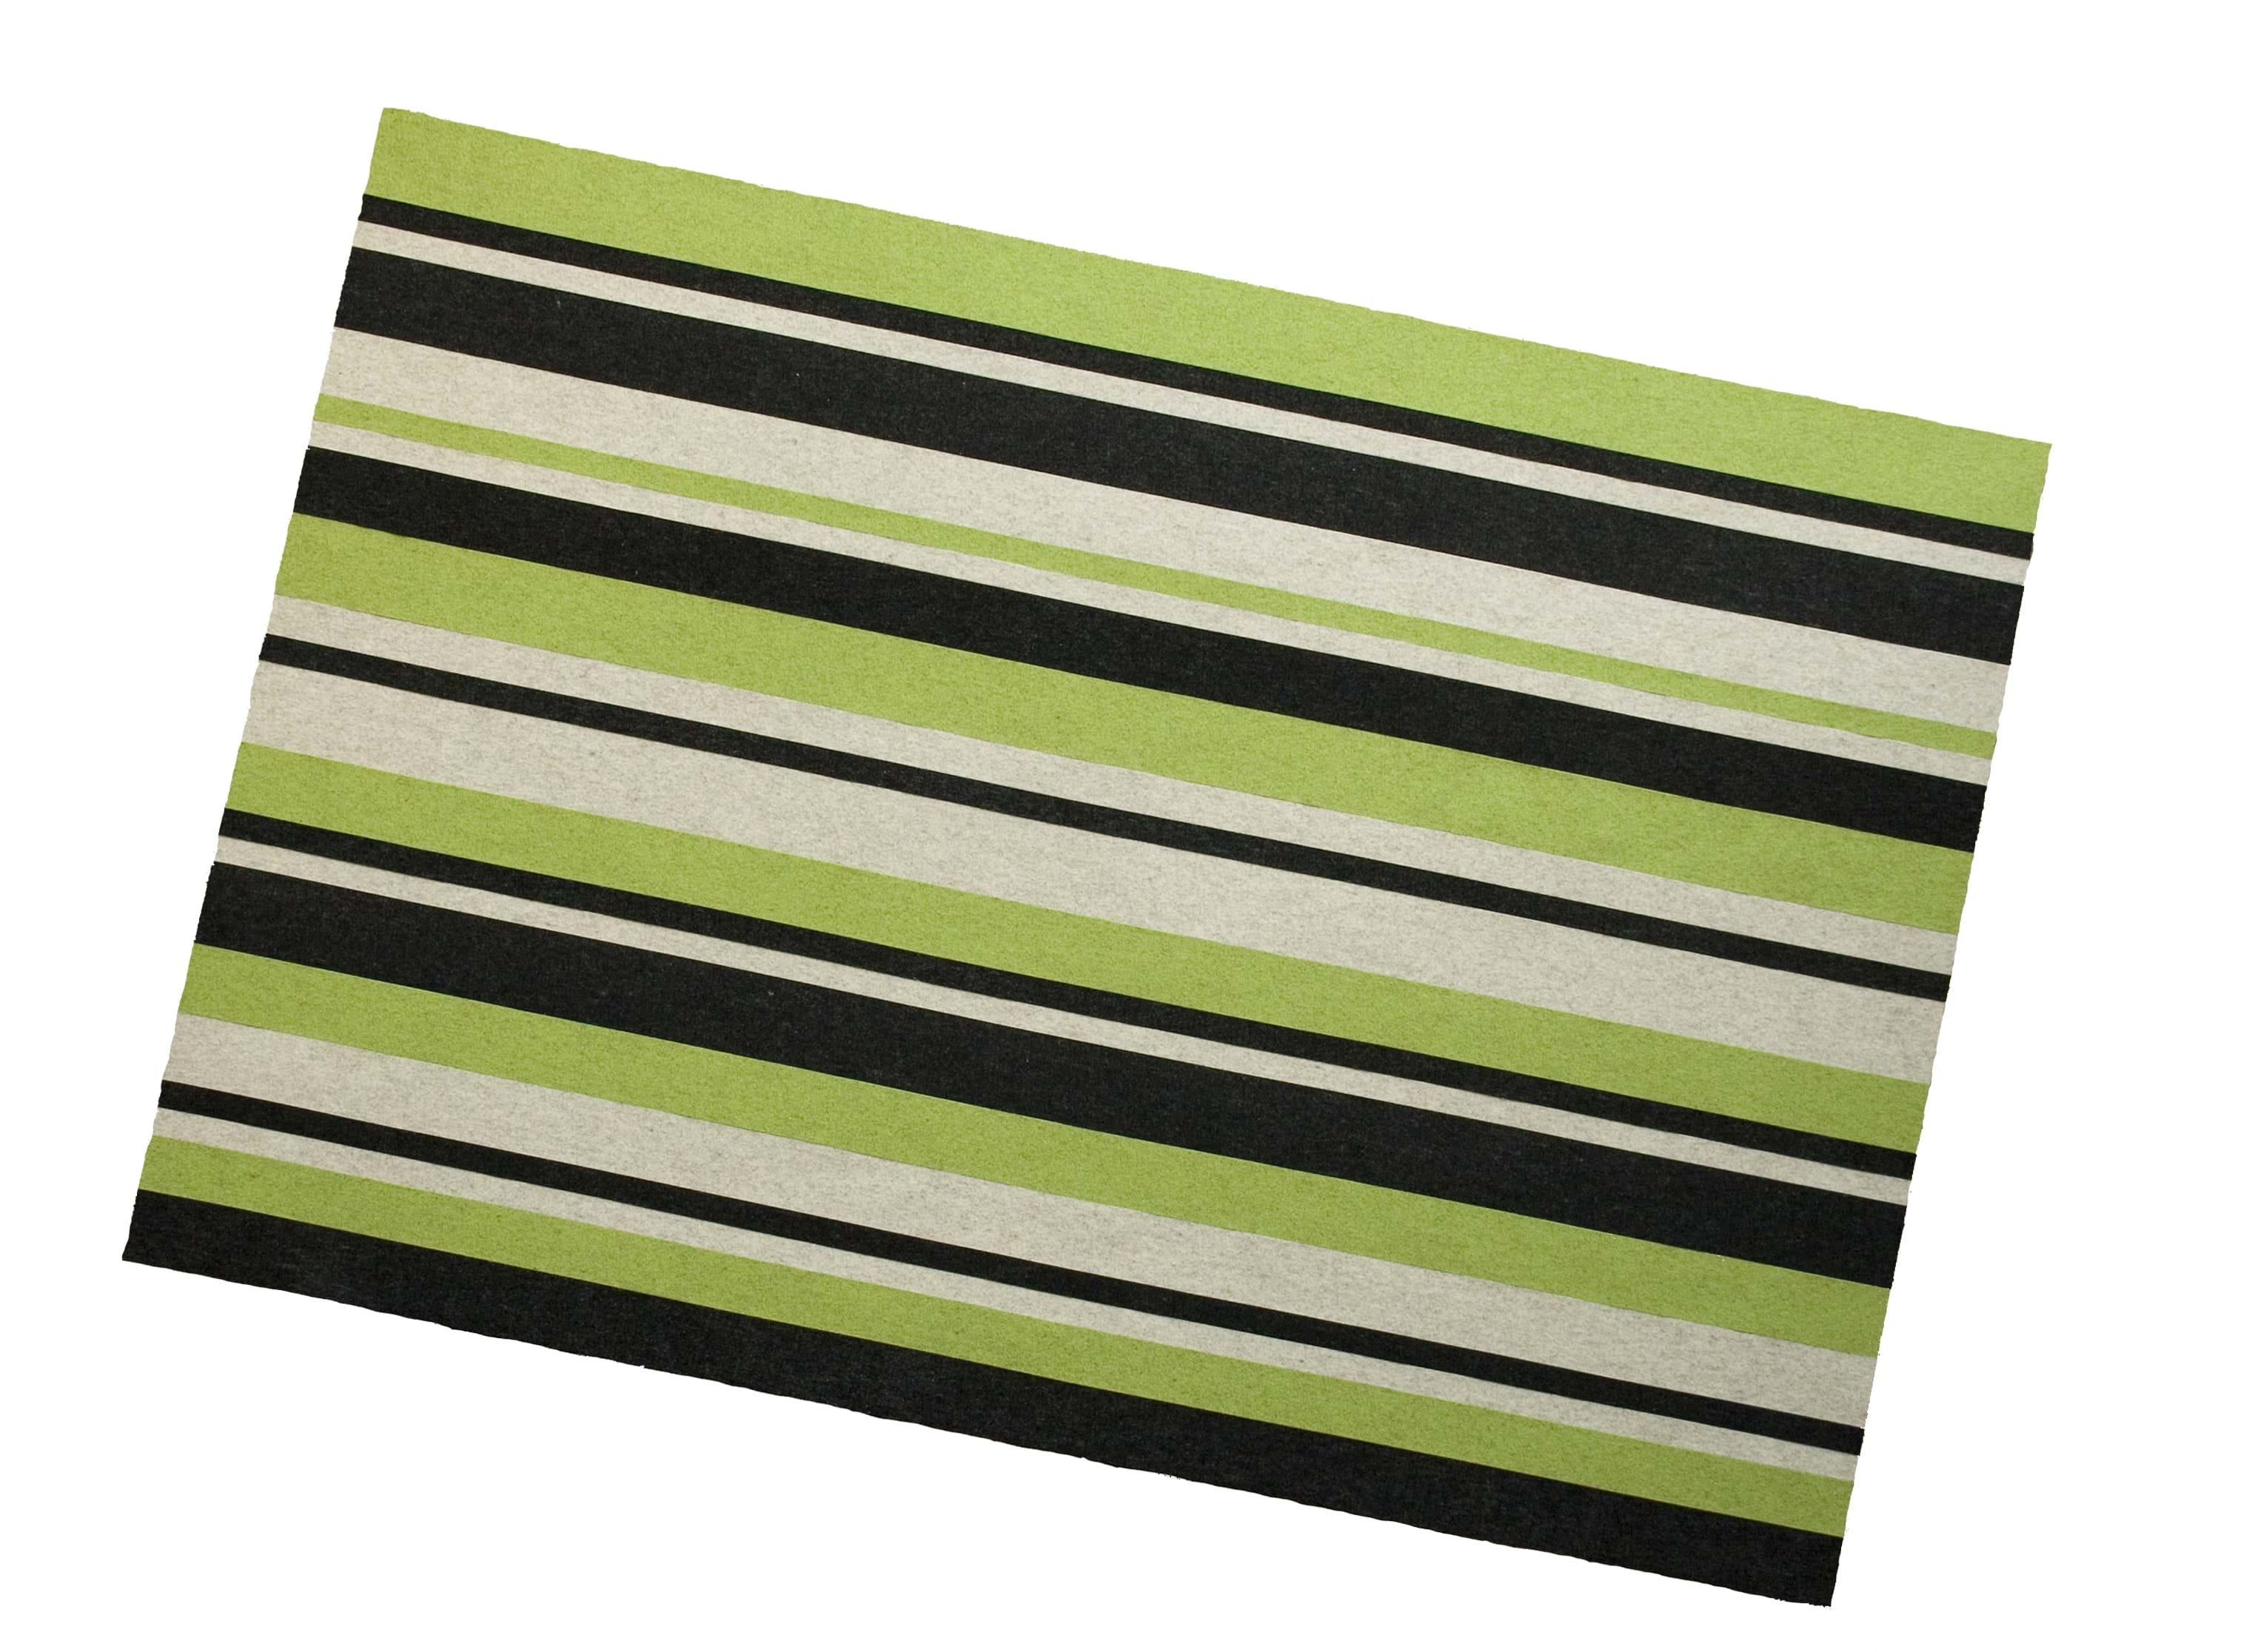 Meget Design dit filt tæppe. Filt tæpper i eget personlige design . QG53